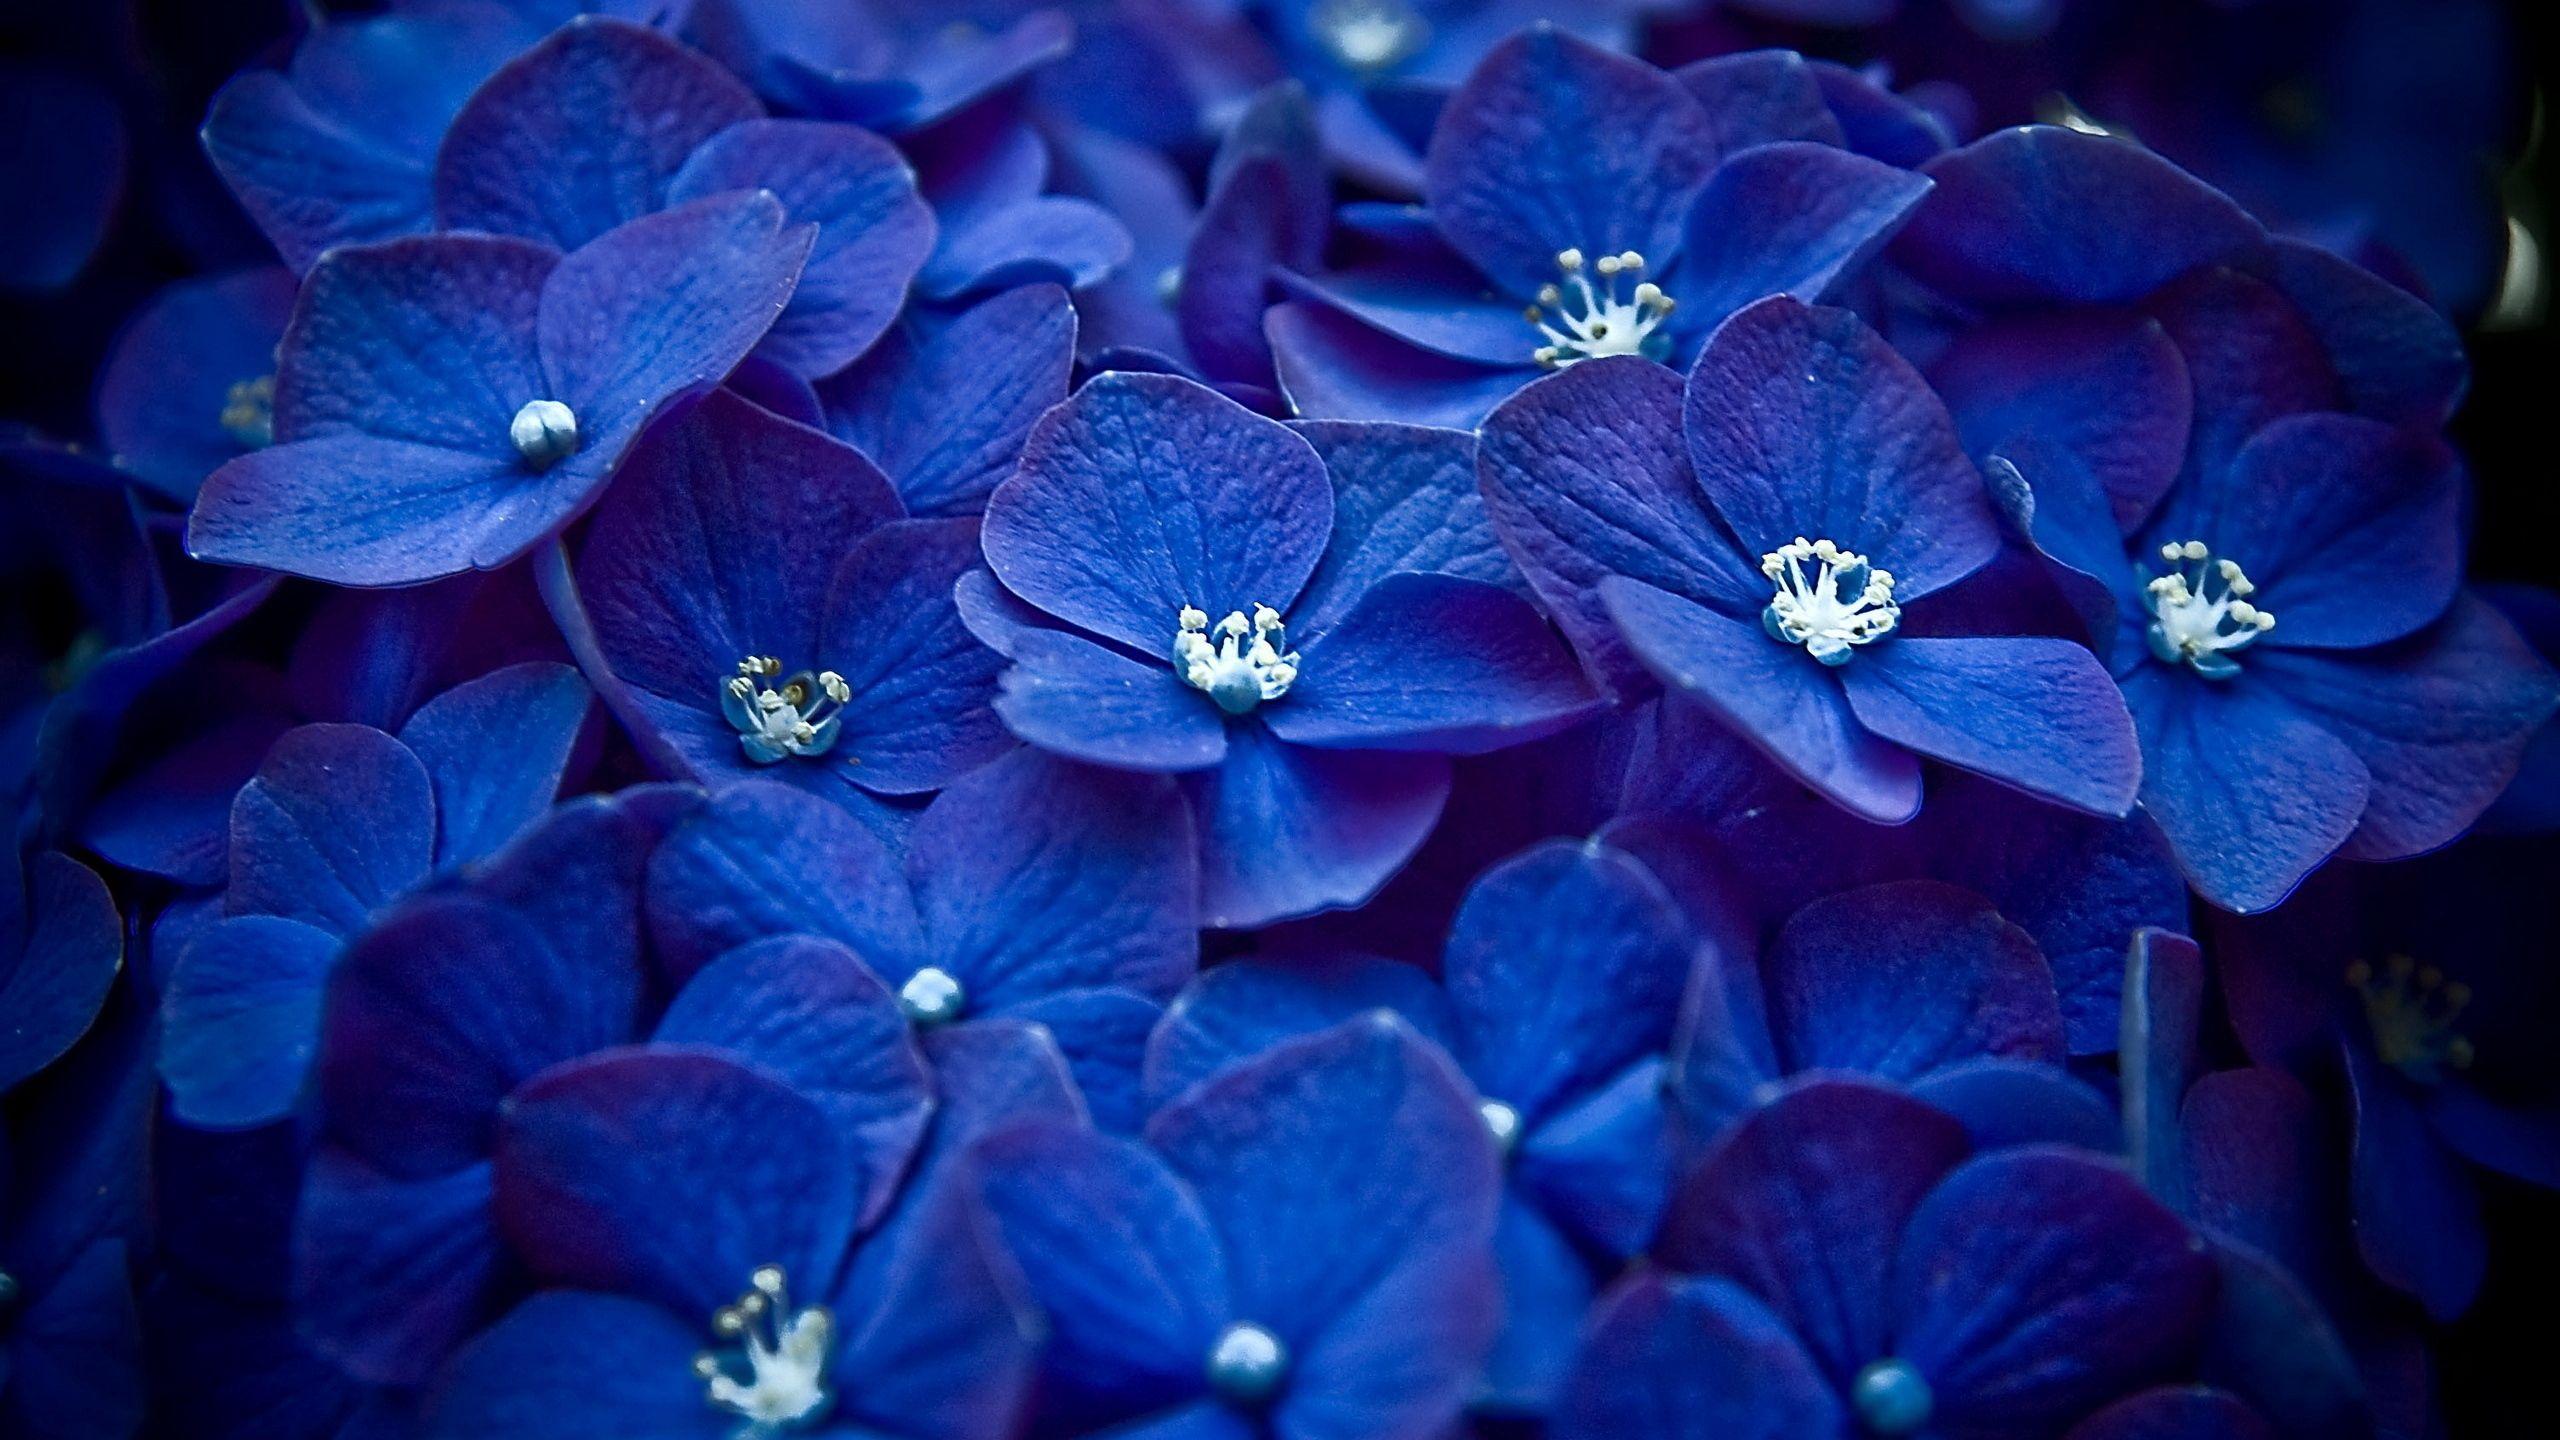 53478 скачать обои Цветы, Яркие, Много, Маленькие - заставки и картинки бесплатно